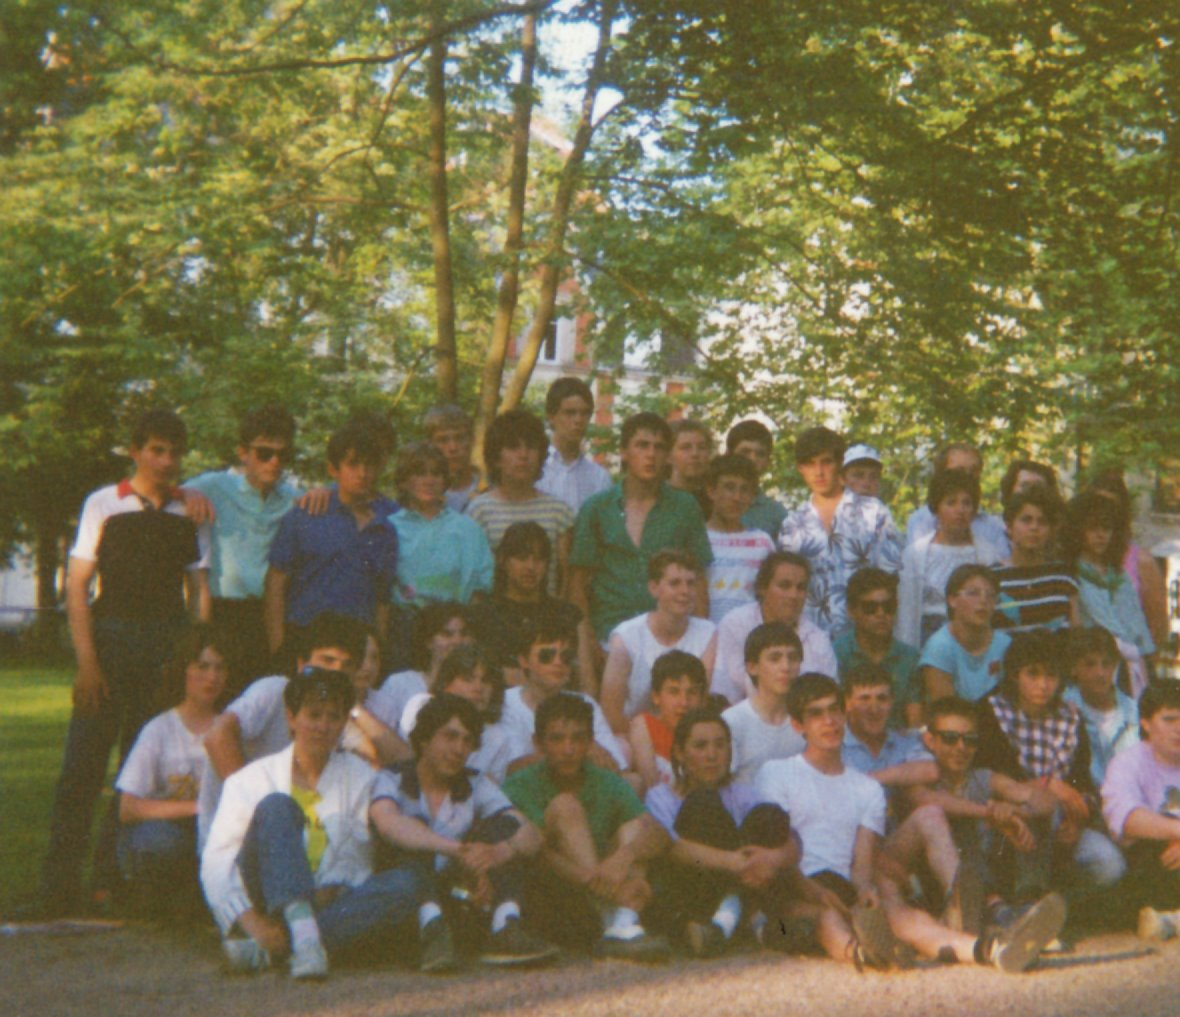 Archives anciens élèves mfr puy-sec 1986 (19)